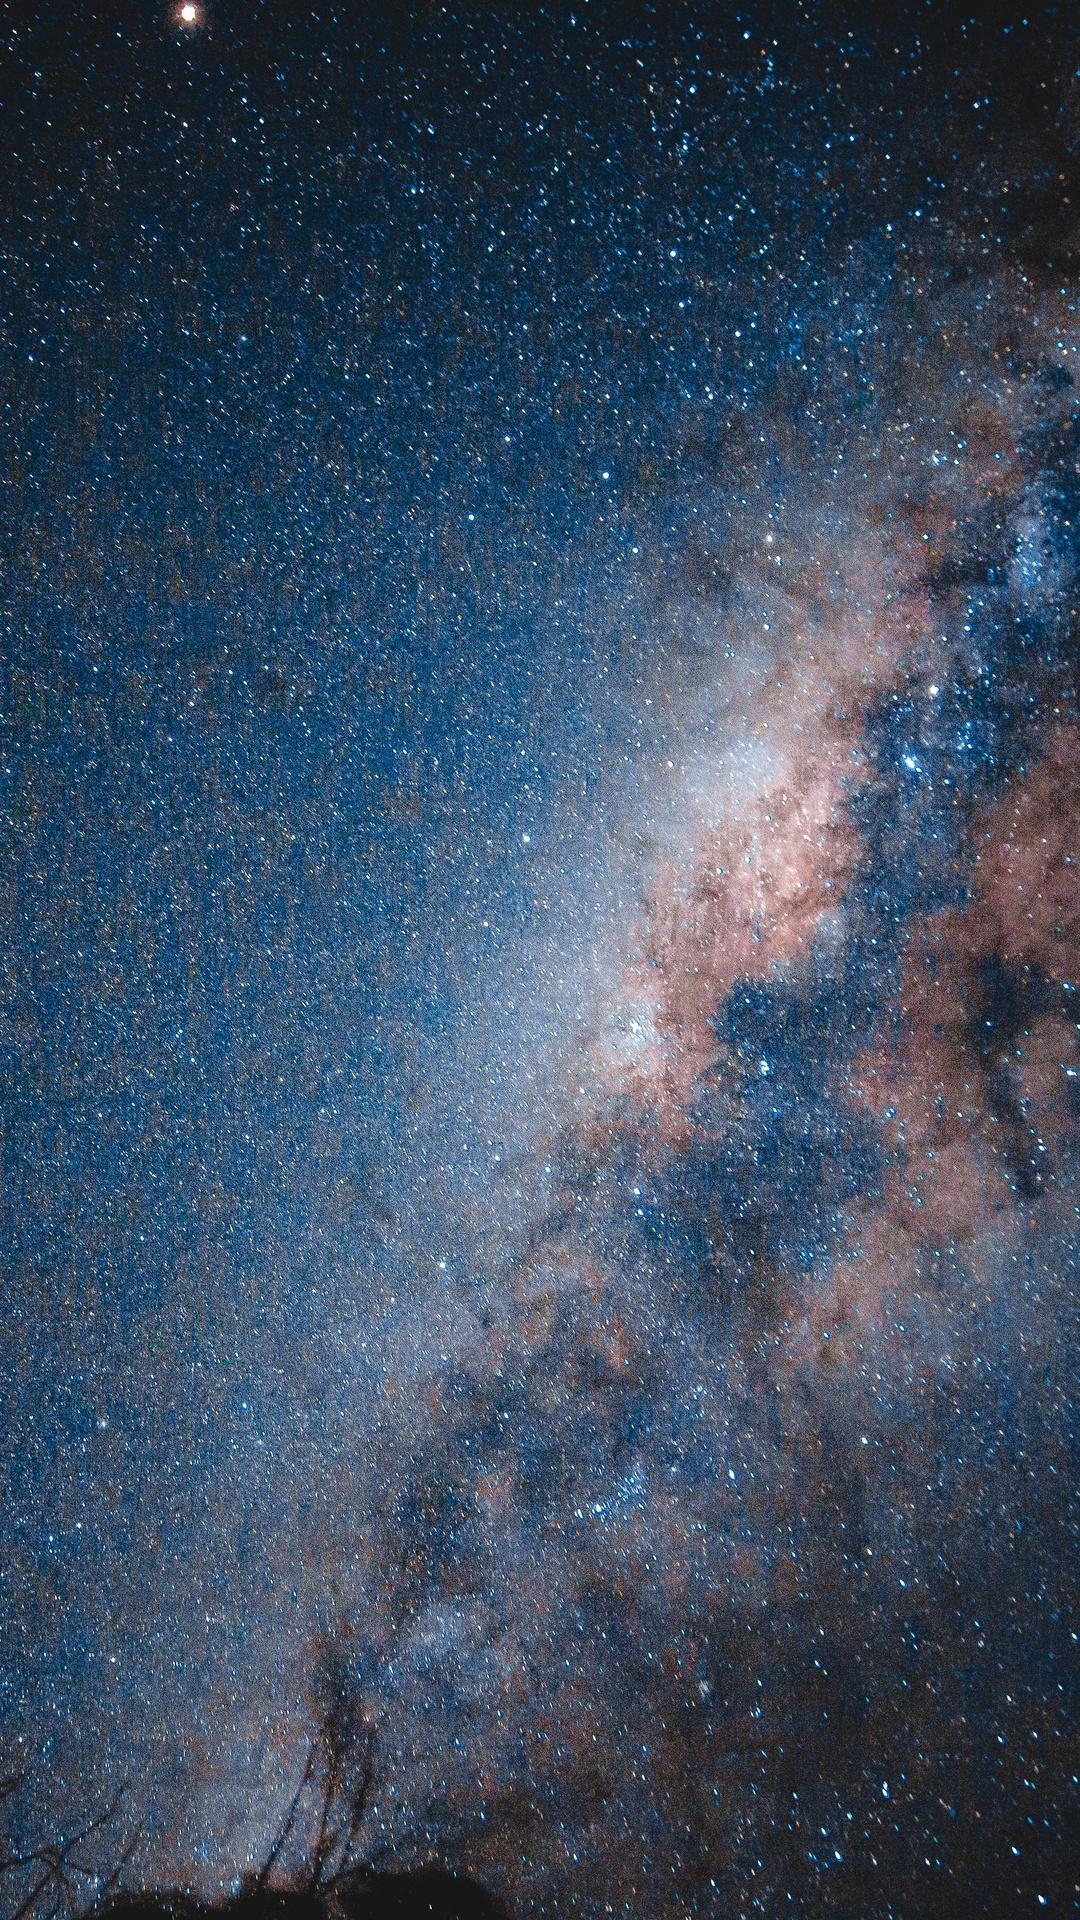 stars-ocean-under-blue-sky-5k-nh.jpg